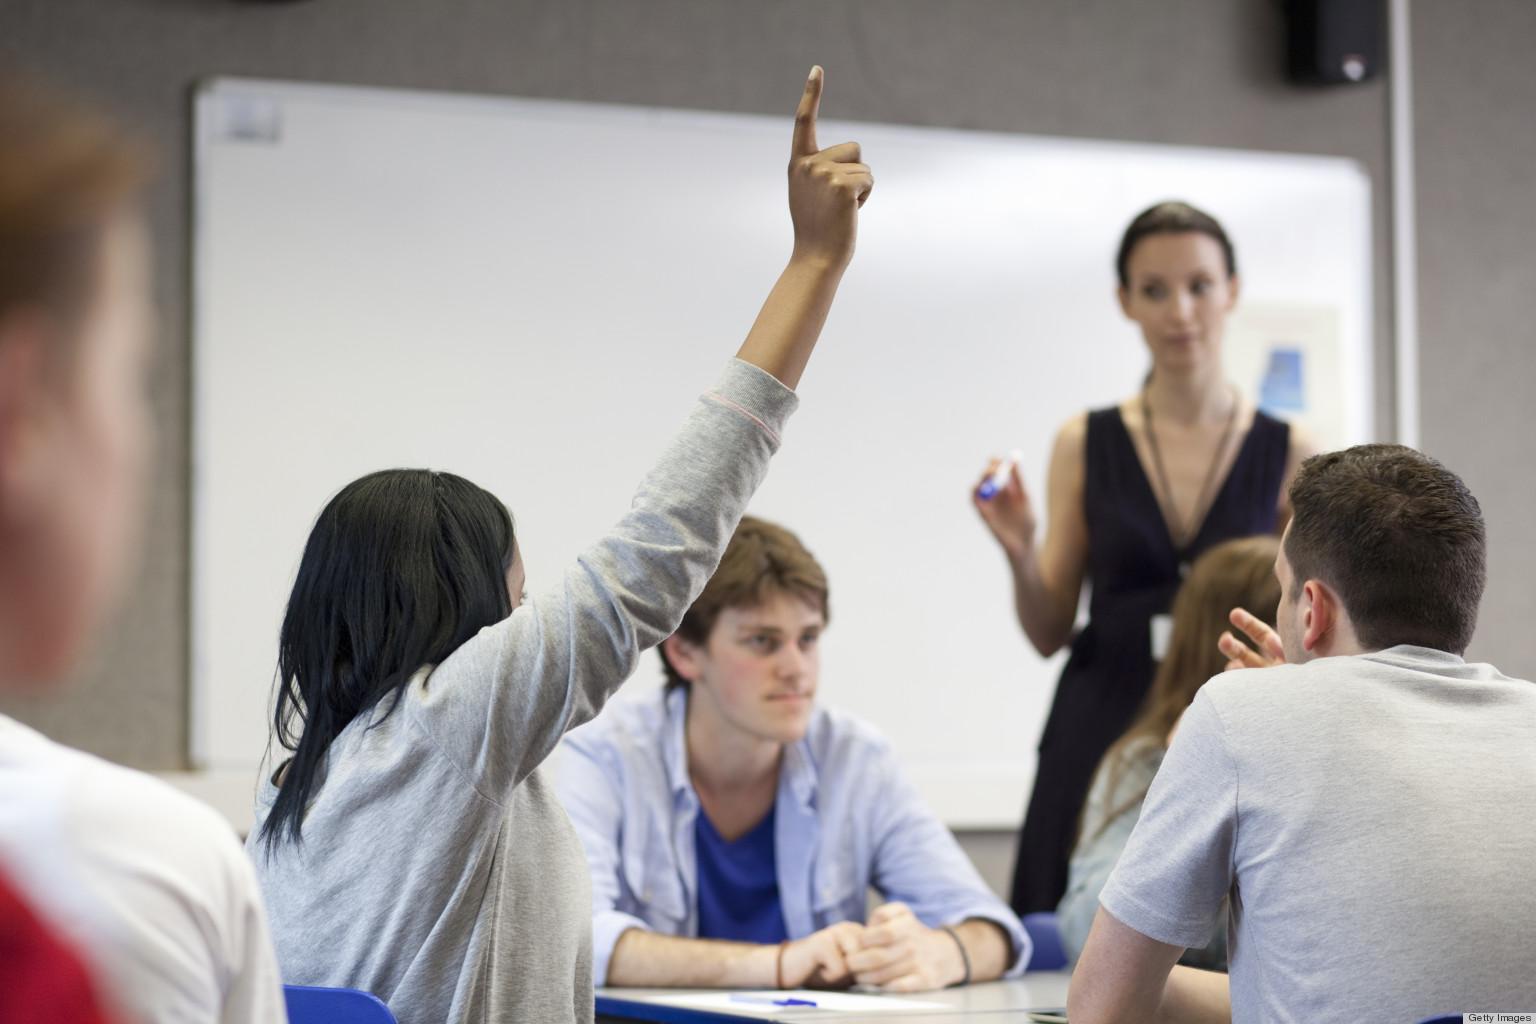 آیا میتوانید کارآفرینی را آموزش دهید؟